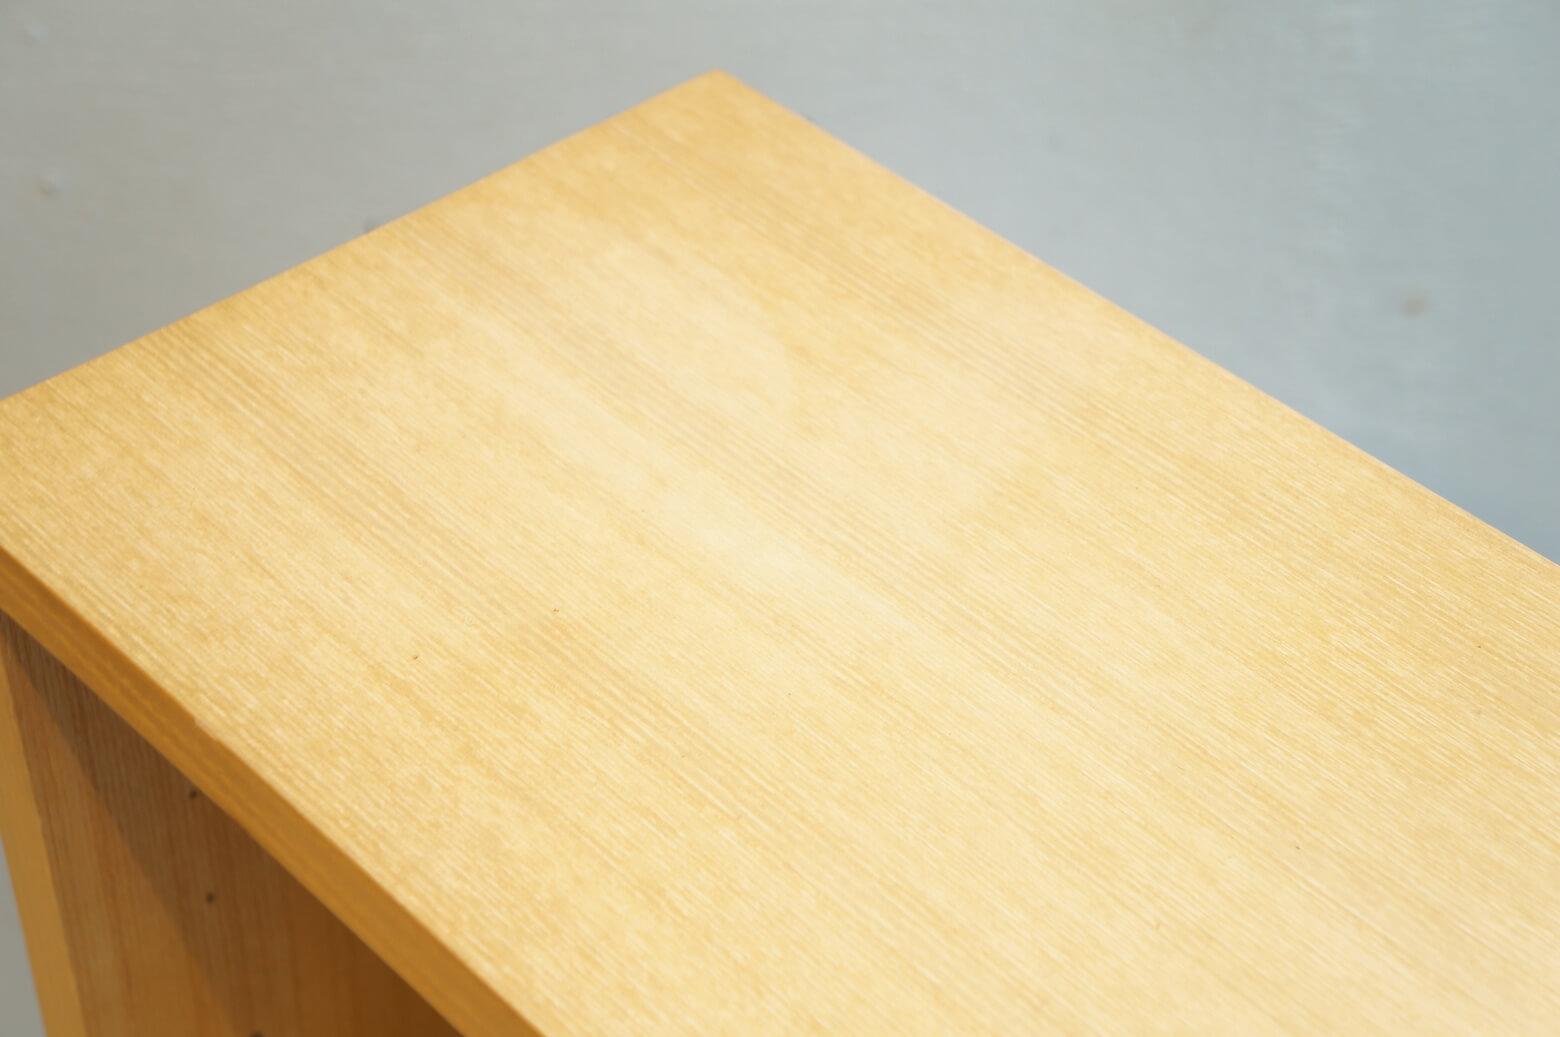 MUJI Ash Wood Slim Rack Low Type/無印良品 タモ材 薄型ラック ロータイプ